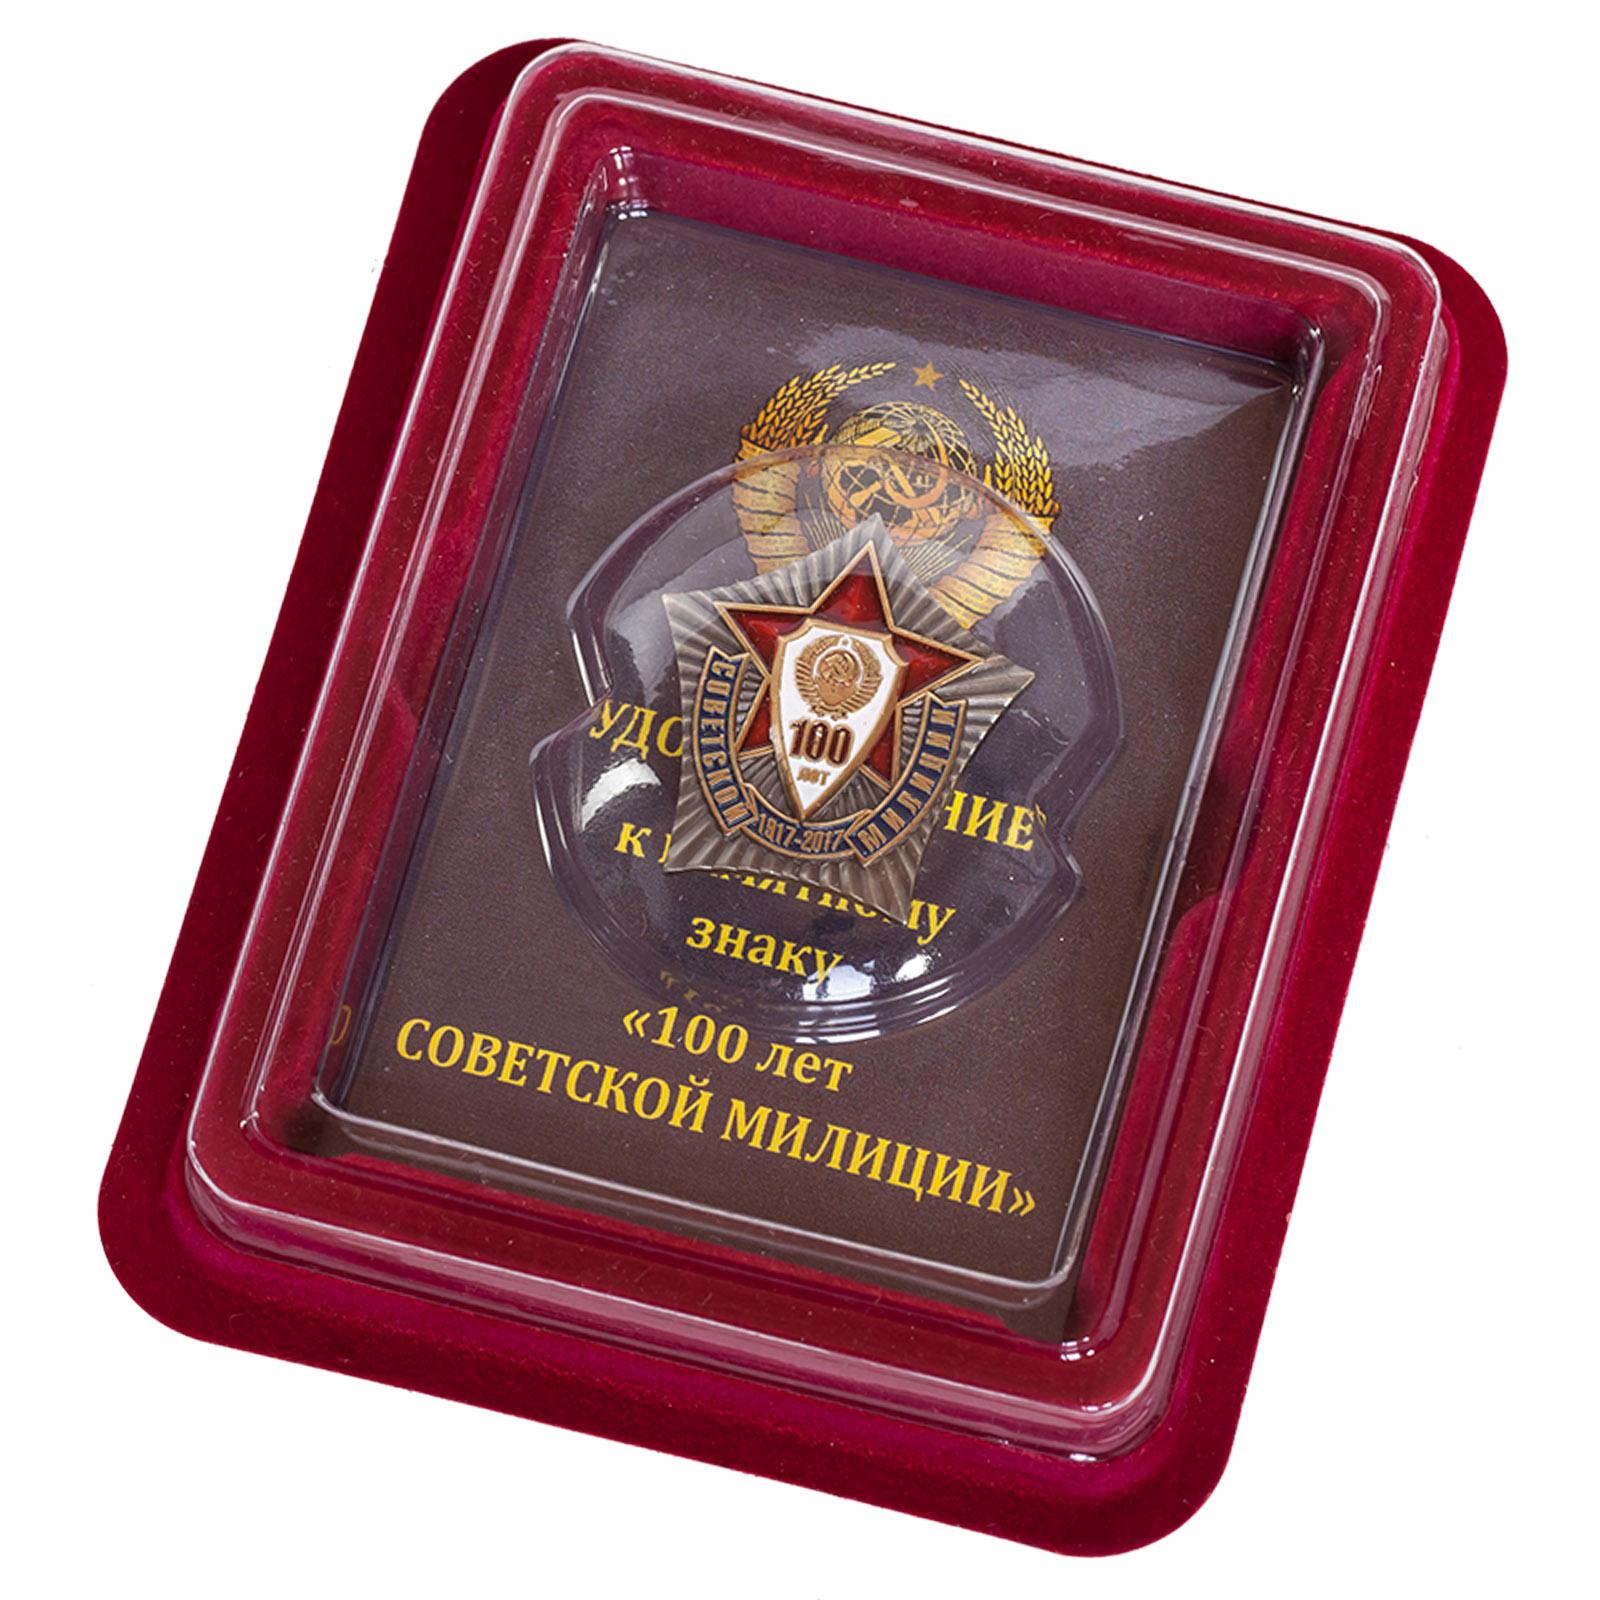 Купить  с доставкой по России нагрудный знак «100 лет Советской милиции»